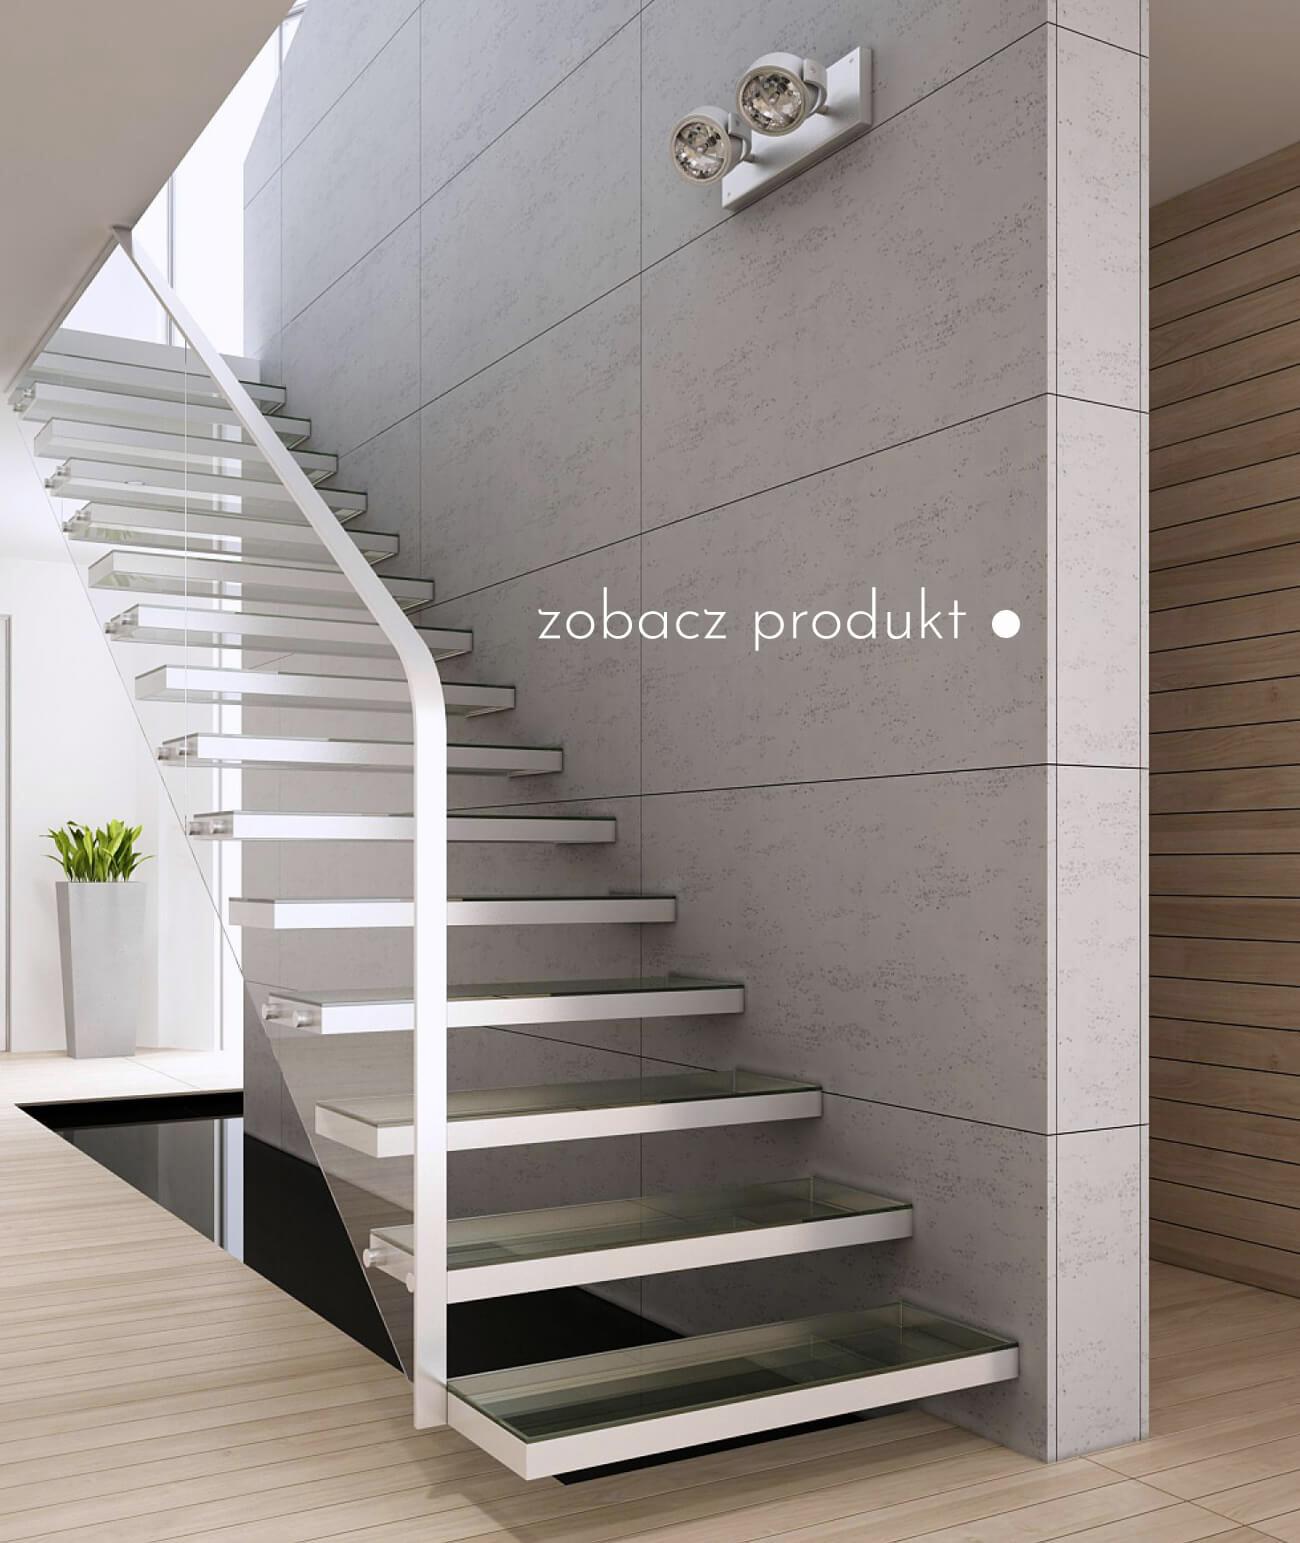 plyty-betonowe-scienne-i-elewacyjne-beton-architektoniczny_667-10564--s50-szary-jasny-mysi---plyta-beton-architektoniczny-rozne-wymiary